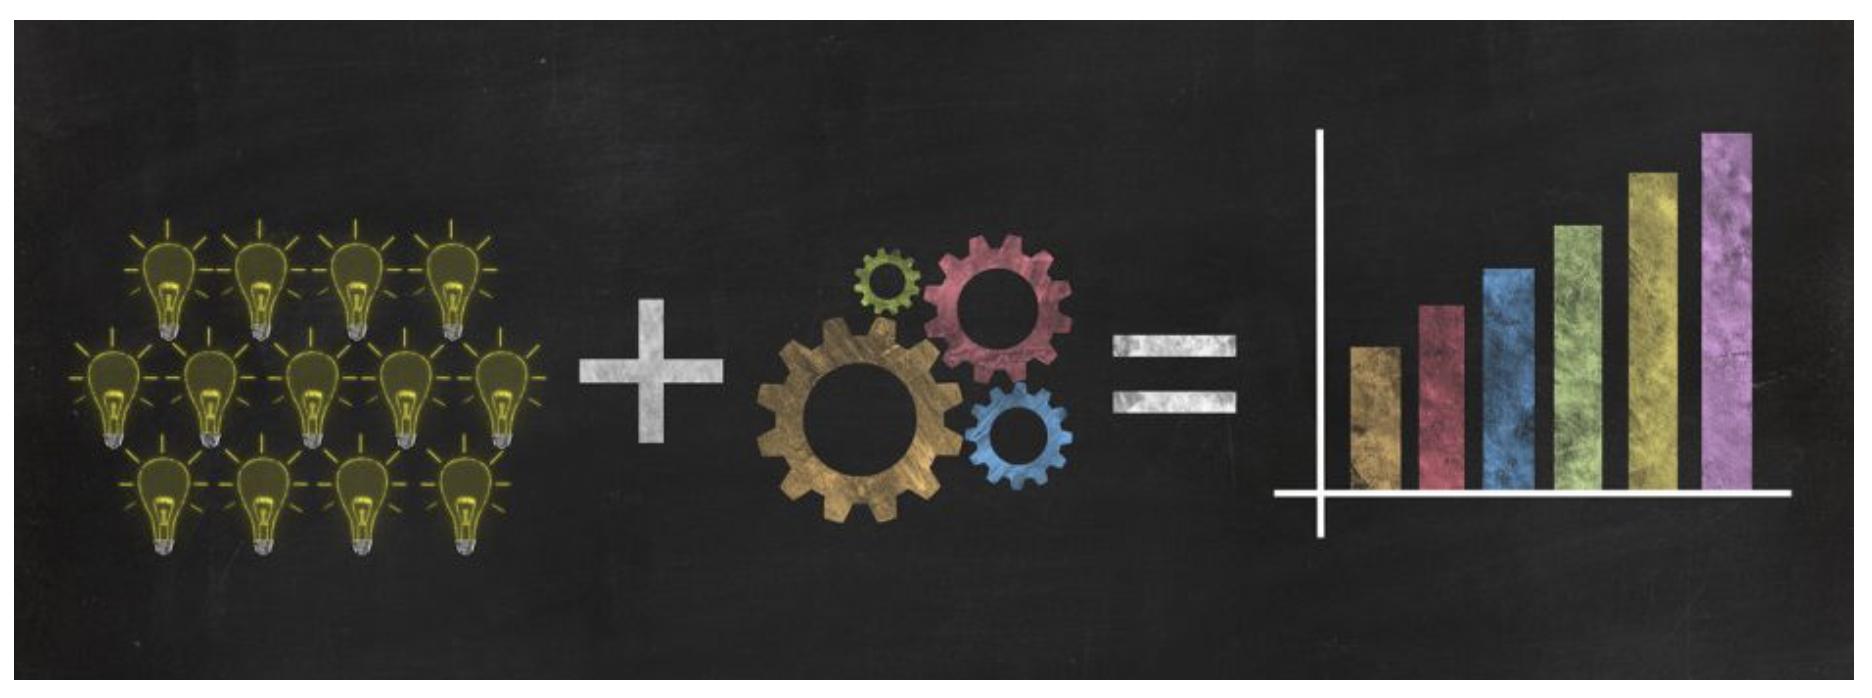 La innovación en la Cuarta Revolución Industrial